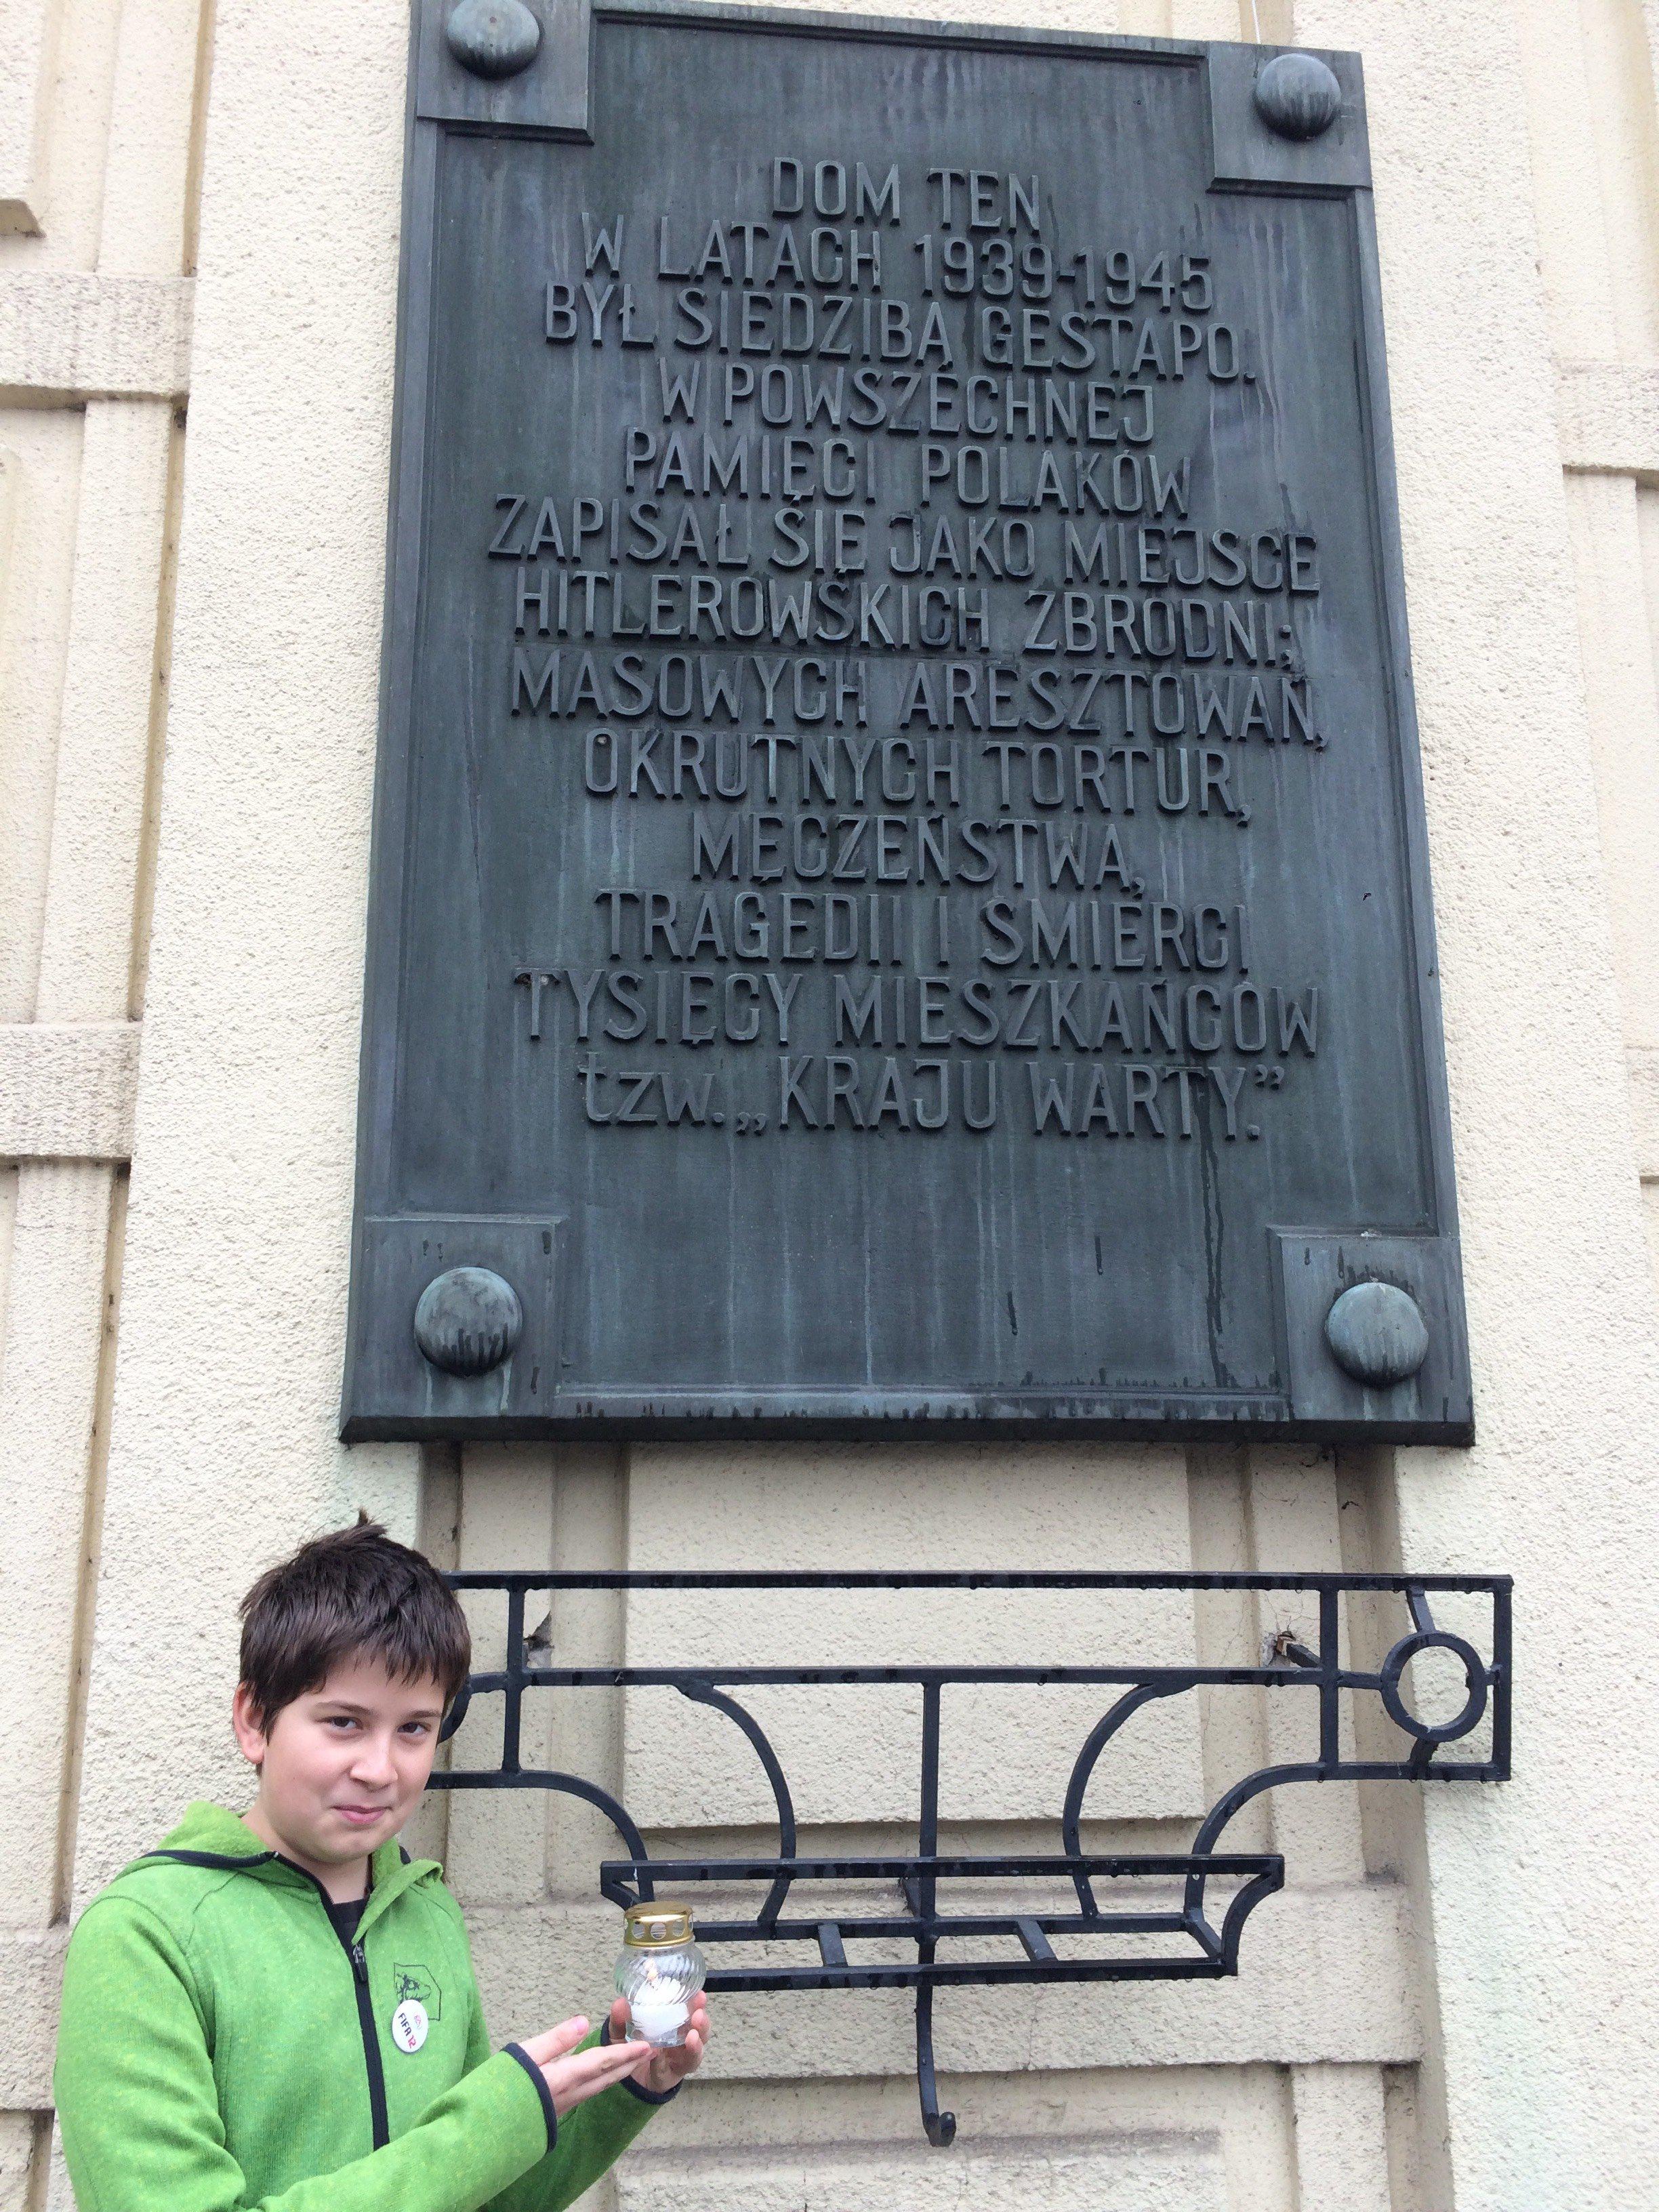 Tomasz Graczyk kl. 7b, Szkoła Podstawowa nr 51 w Poznaniu. Znicze zapalone pod Domem Żołnierza, gdzie w czasie II wojny światowej mieściła się siedziba Gestapo